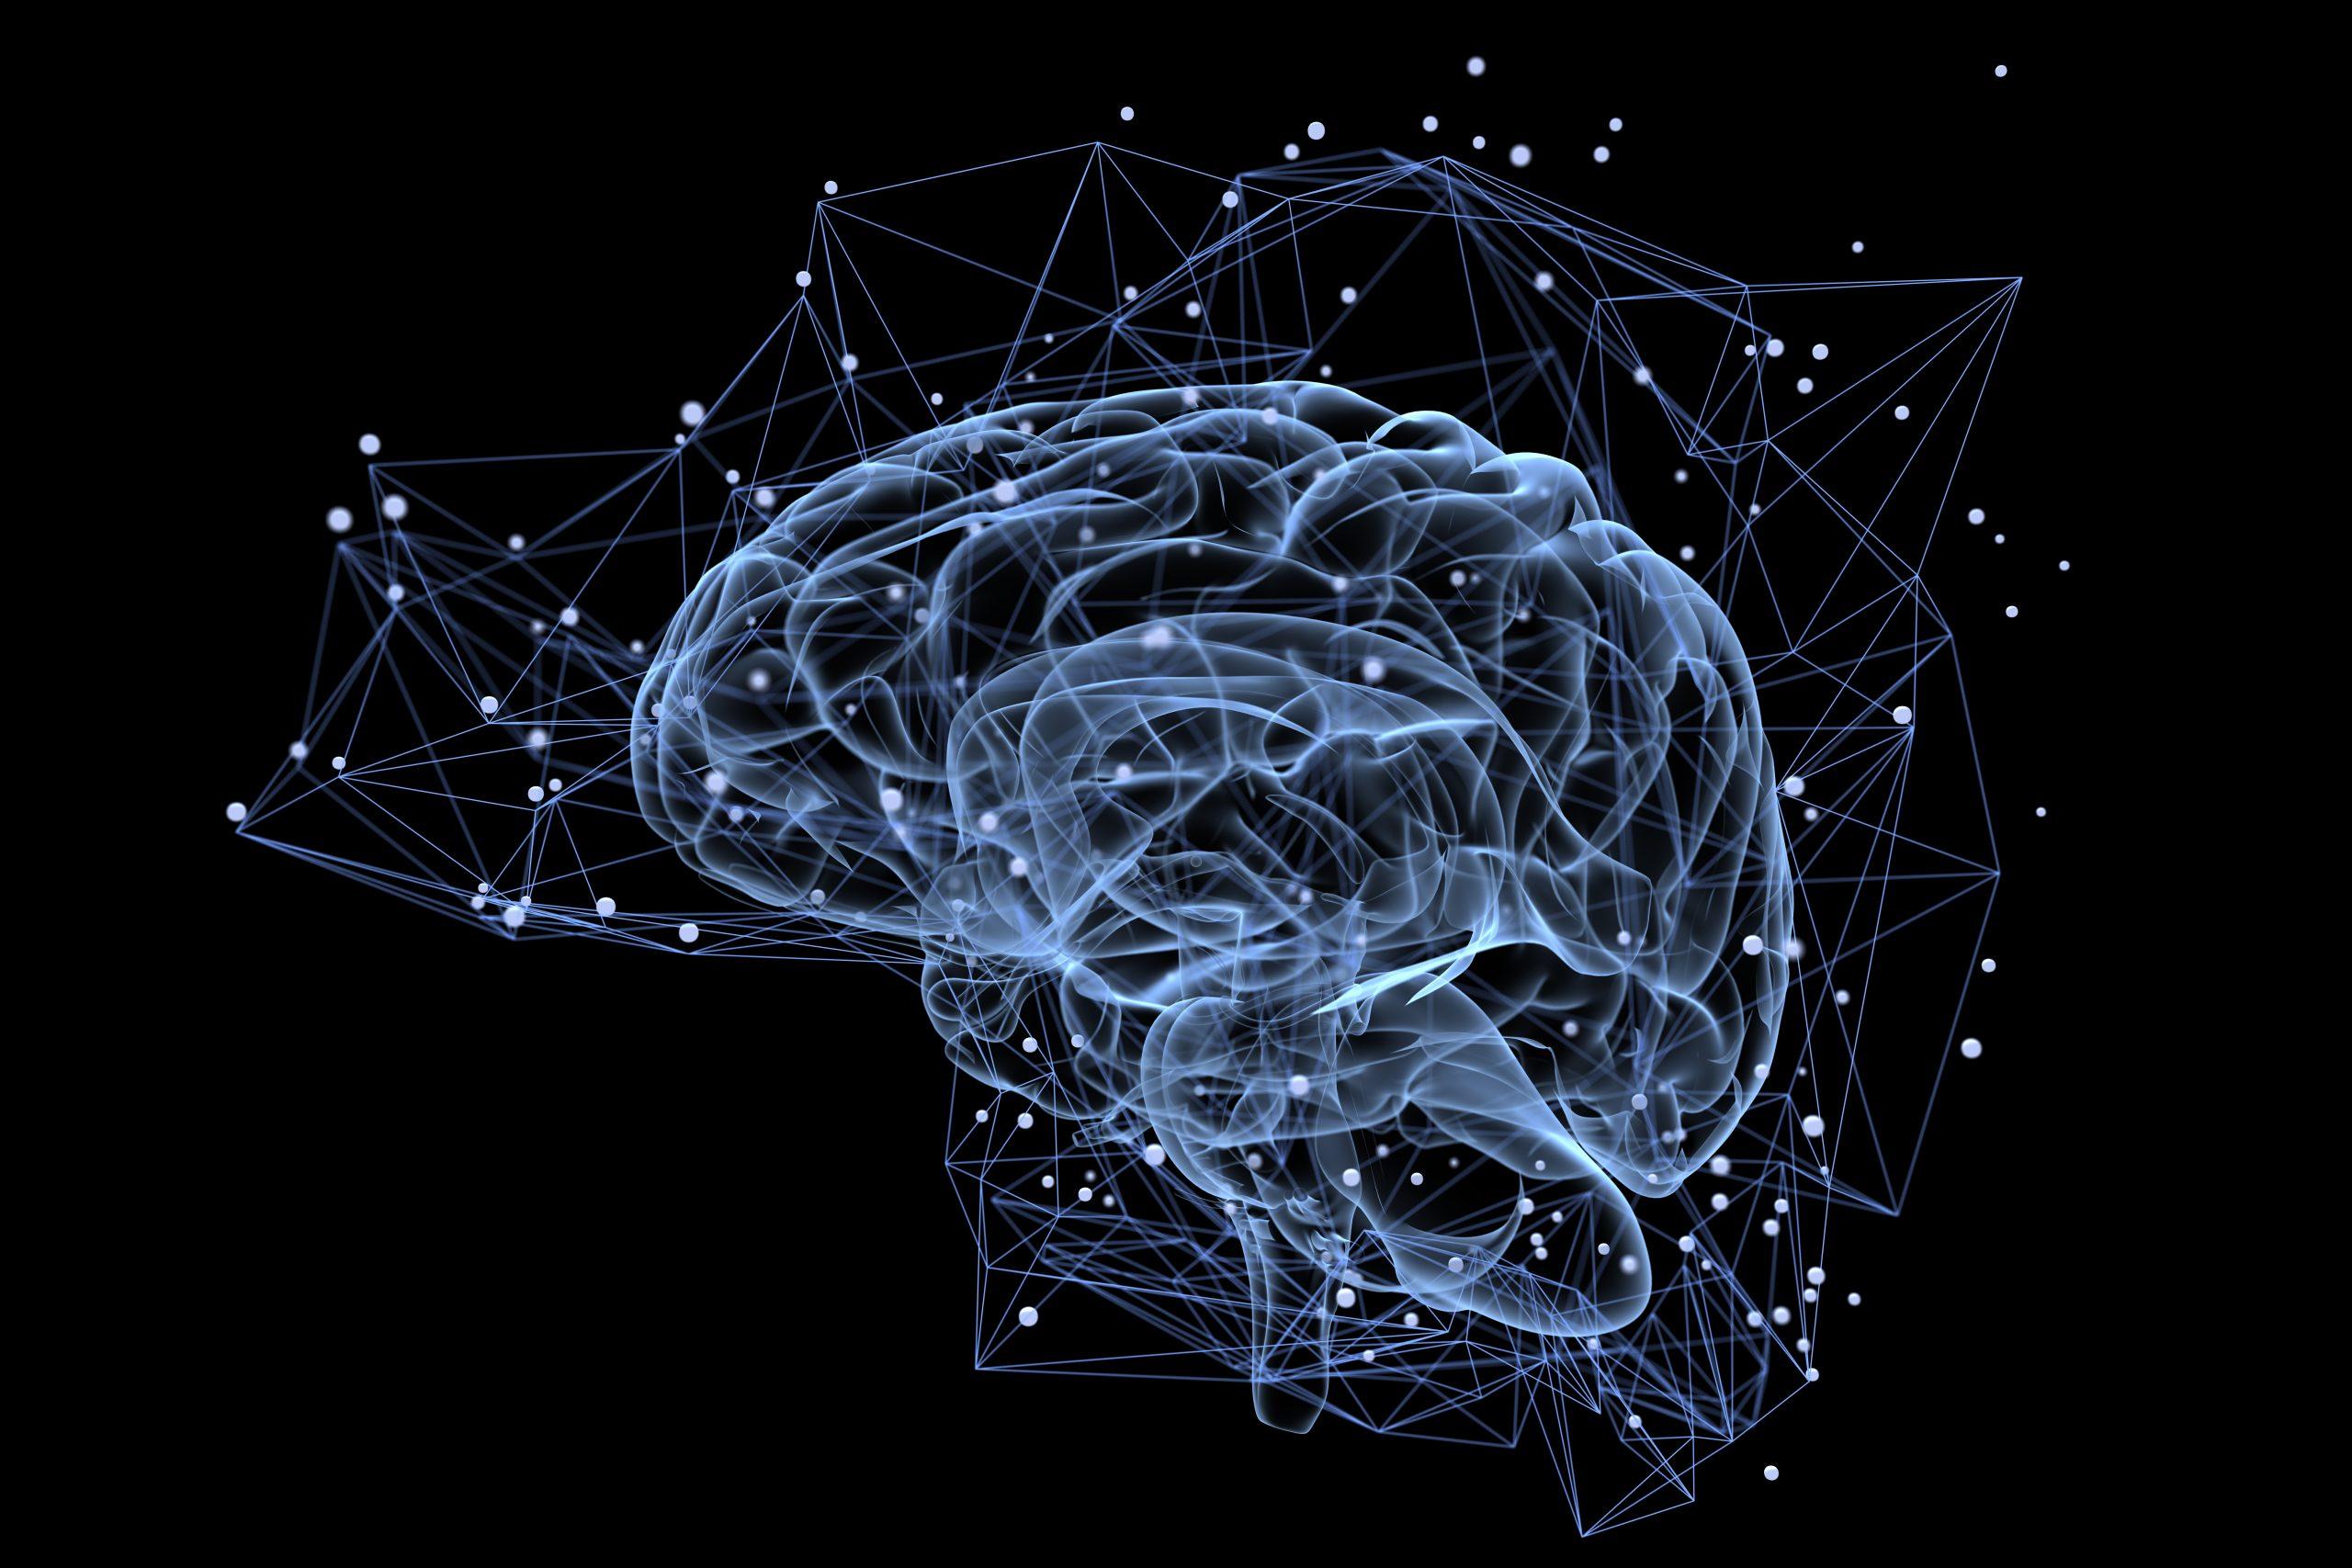 10 moduł – mózg i obwodowy układ nerwowy, zaburzenia nastroju i choroby psychiczne, uwalnianie emocji-zajęcia praktyczne